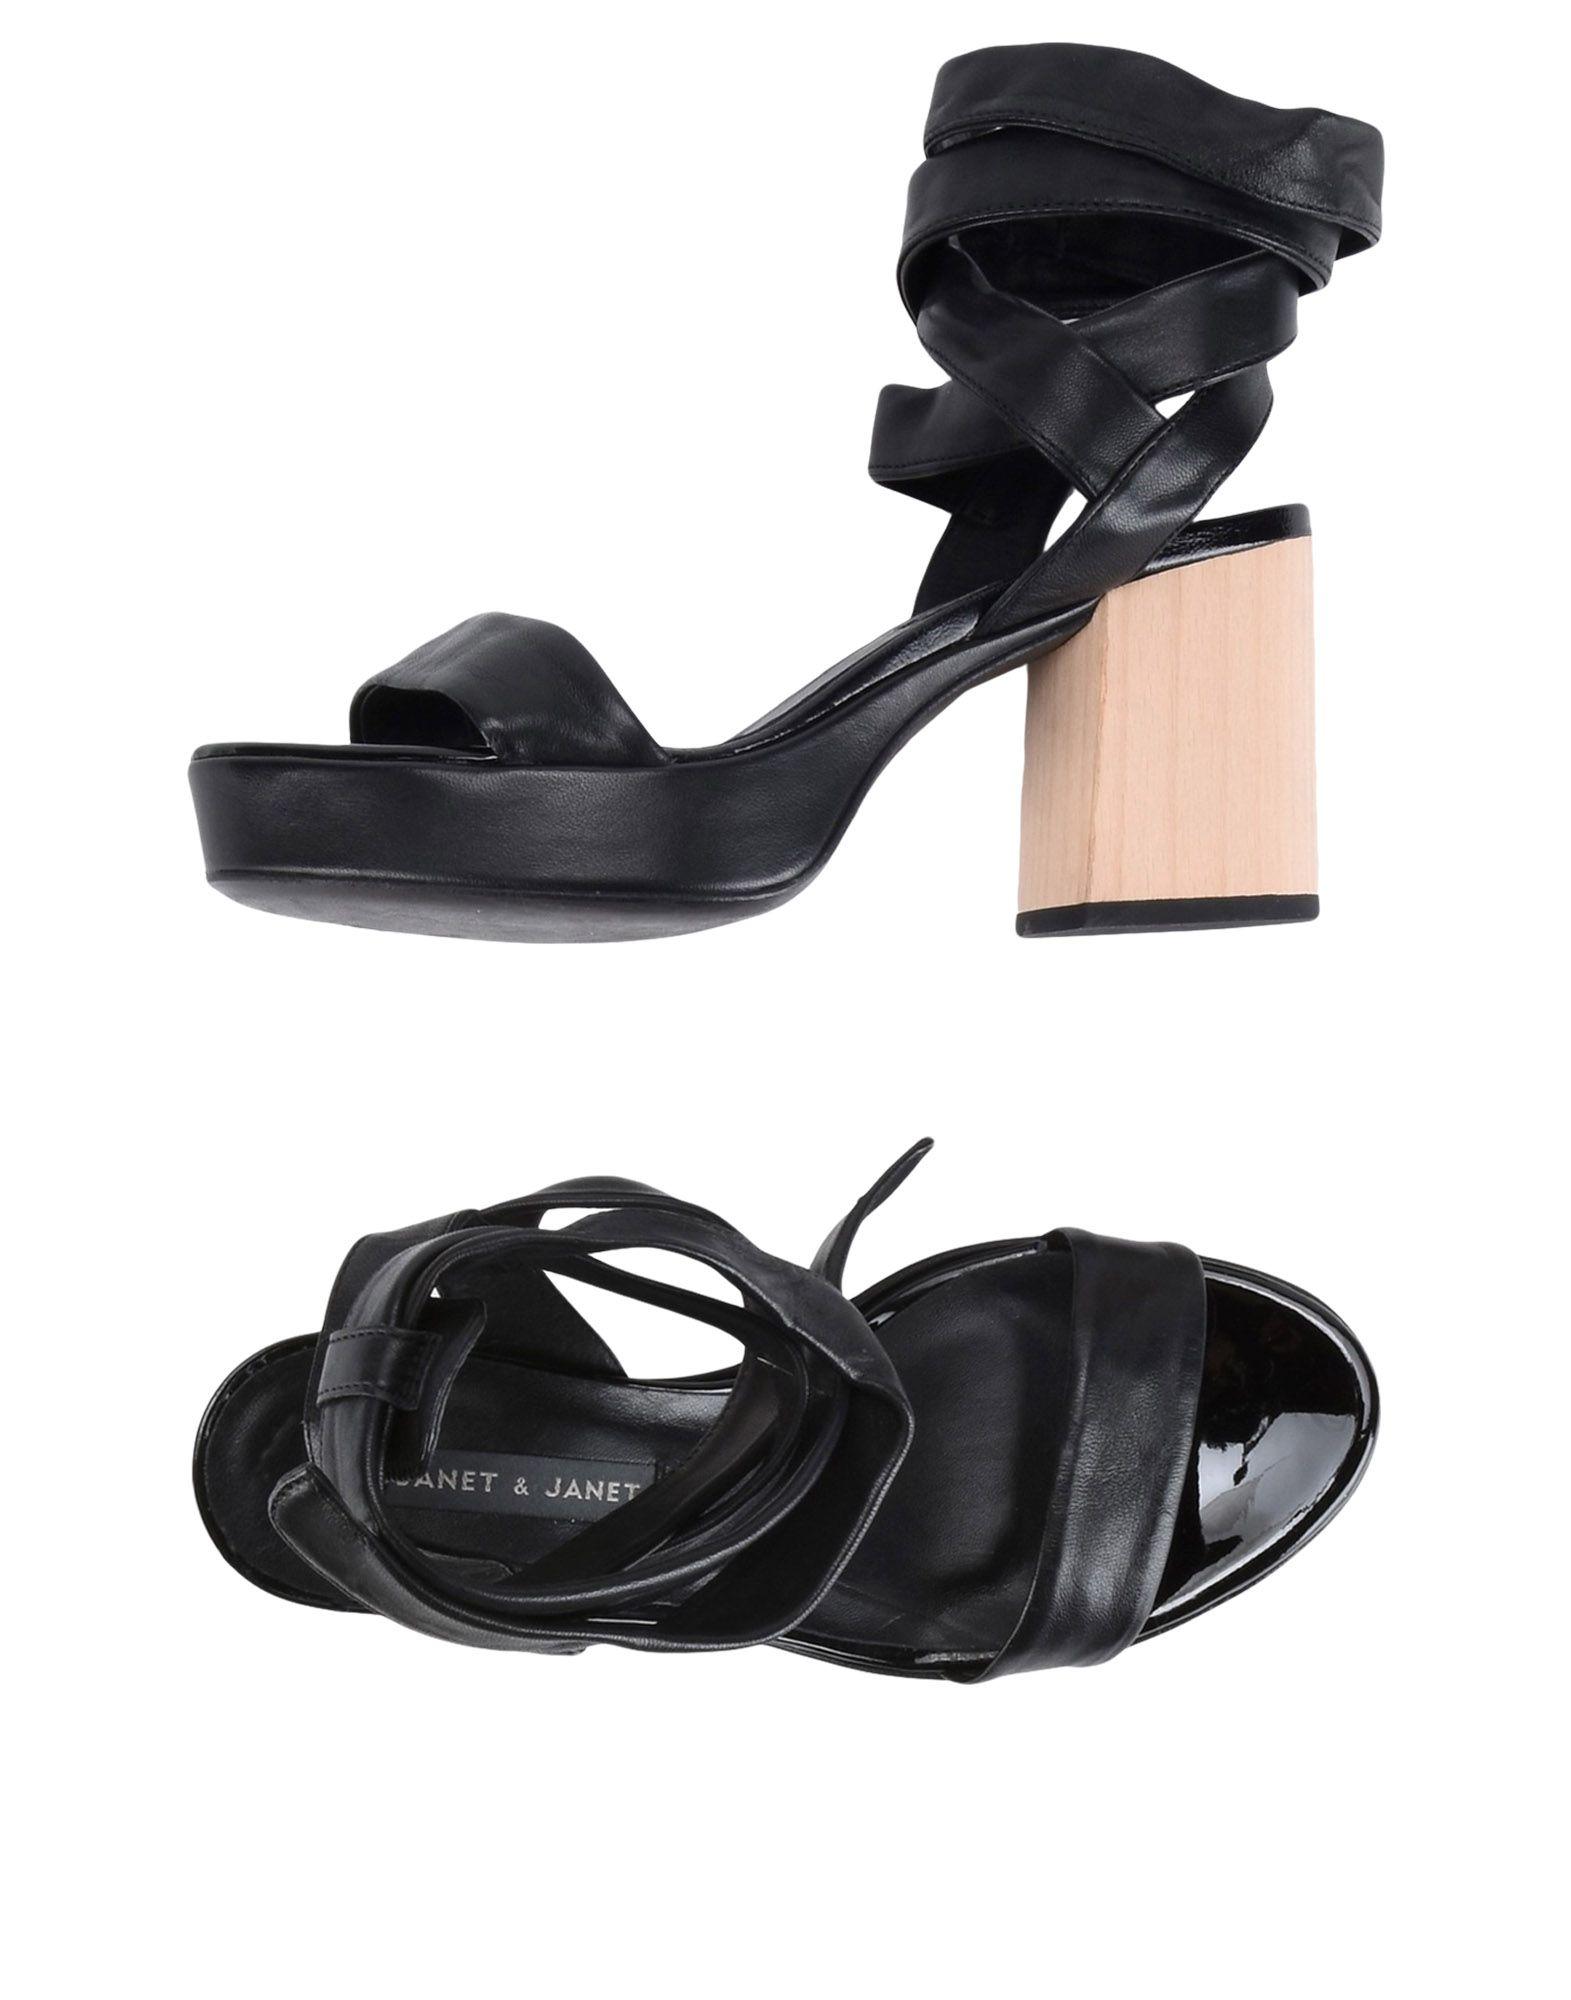 Janet & Janet Sandalen beliebte Damen 11399068FP Gute Qualität beliebte Sandalen Schuhe 093da7